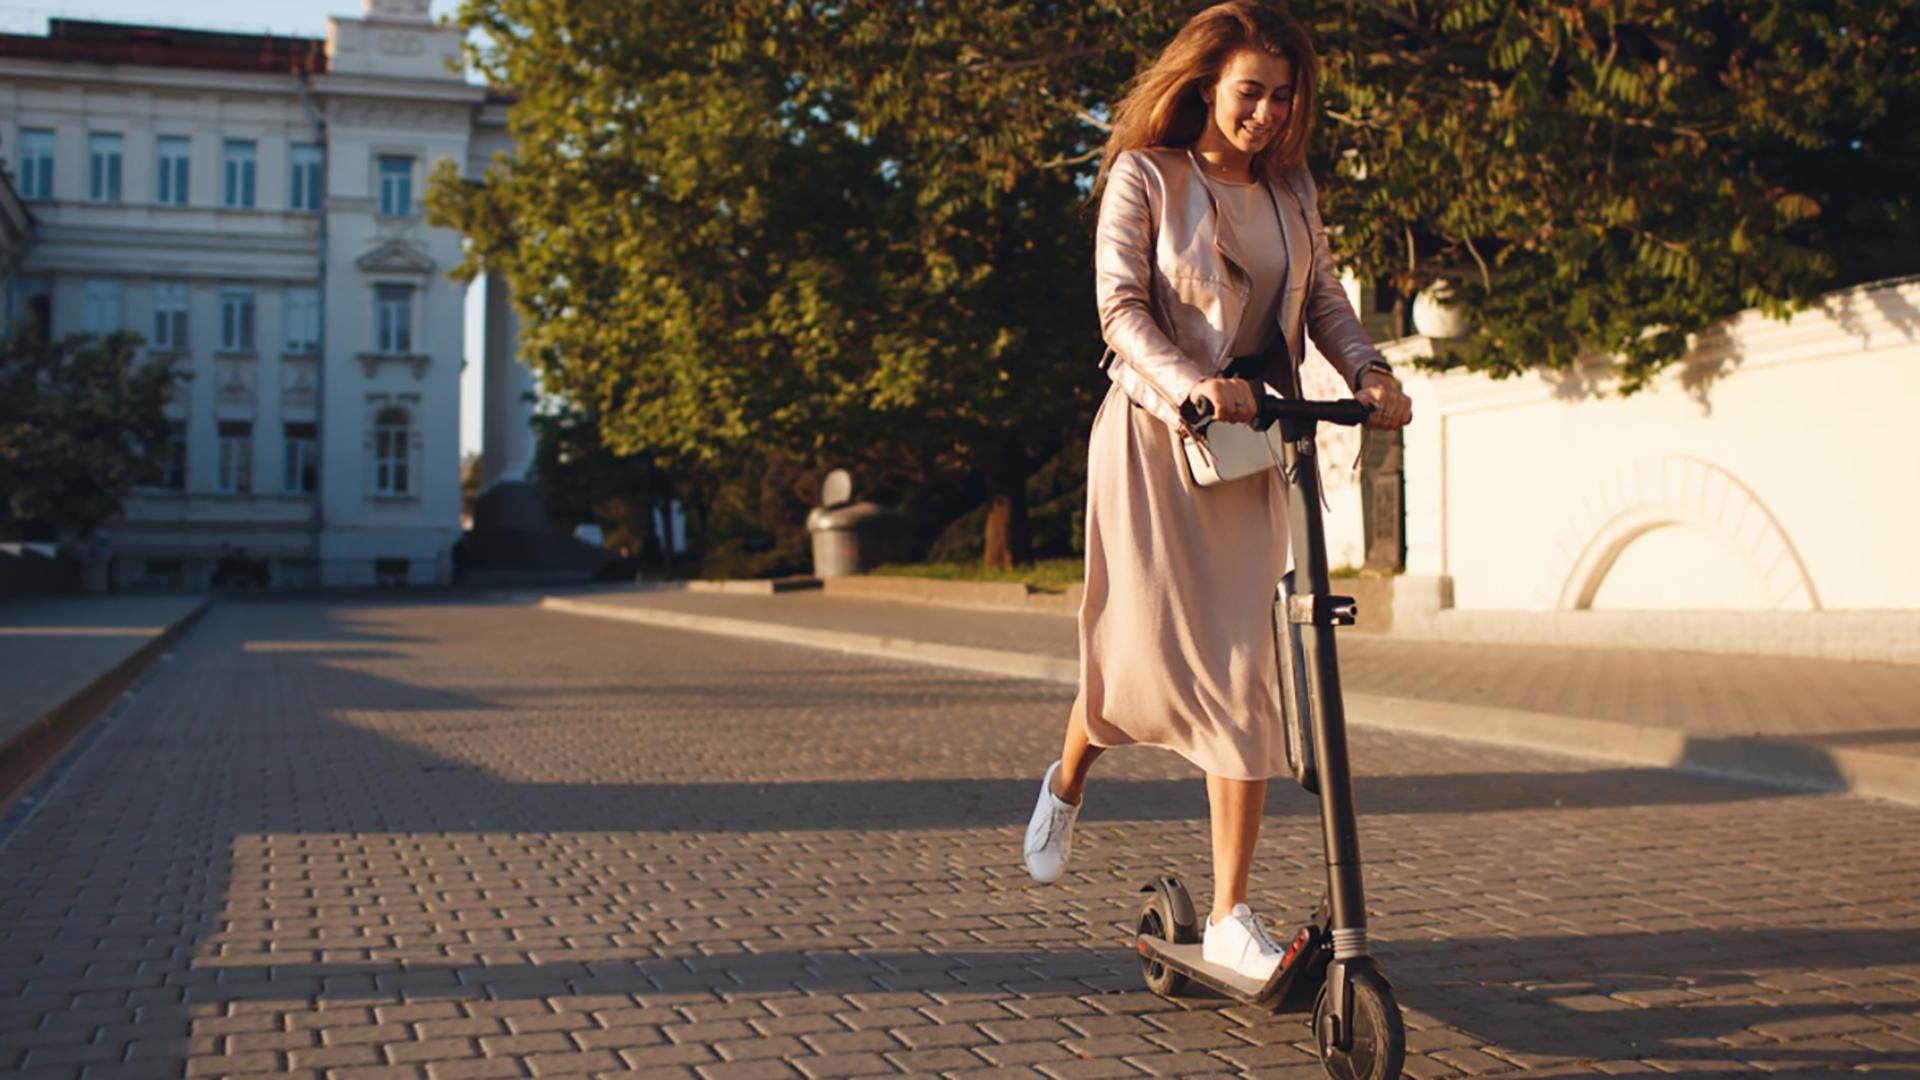 Mobilità sostenibile in aumento con i monopattini elettrici